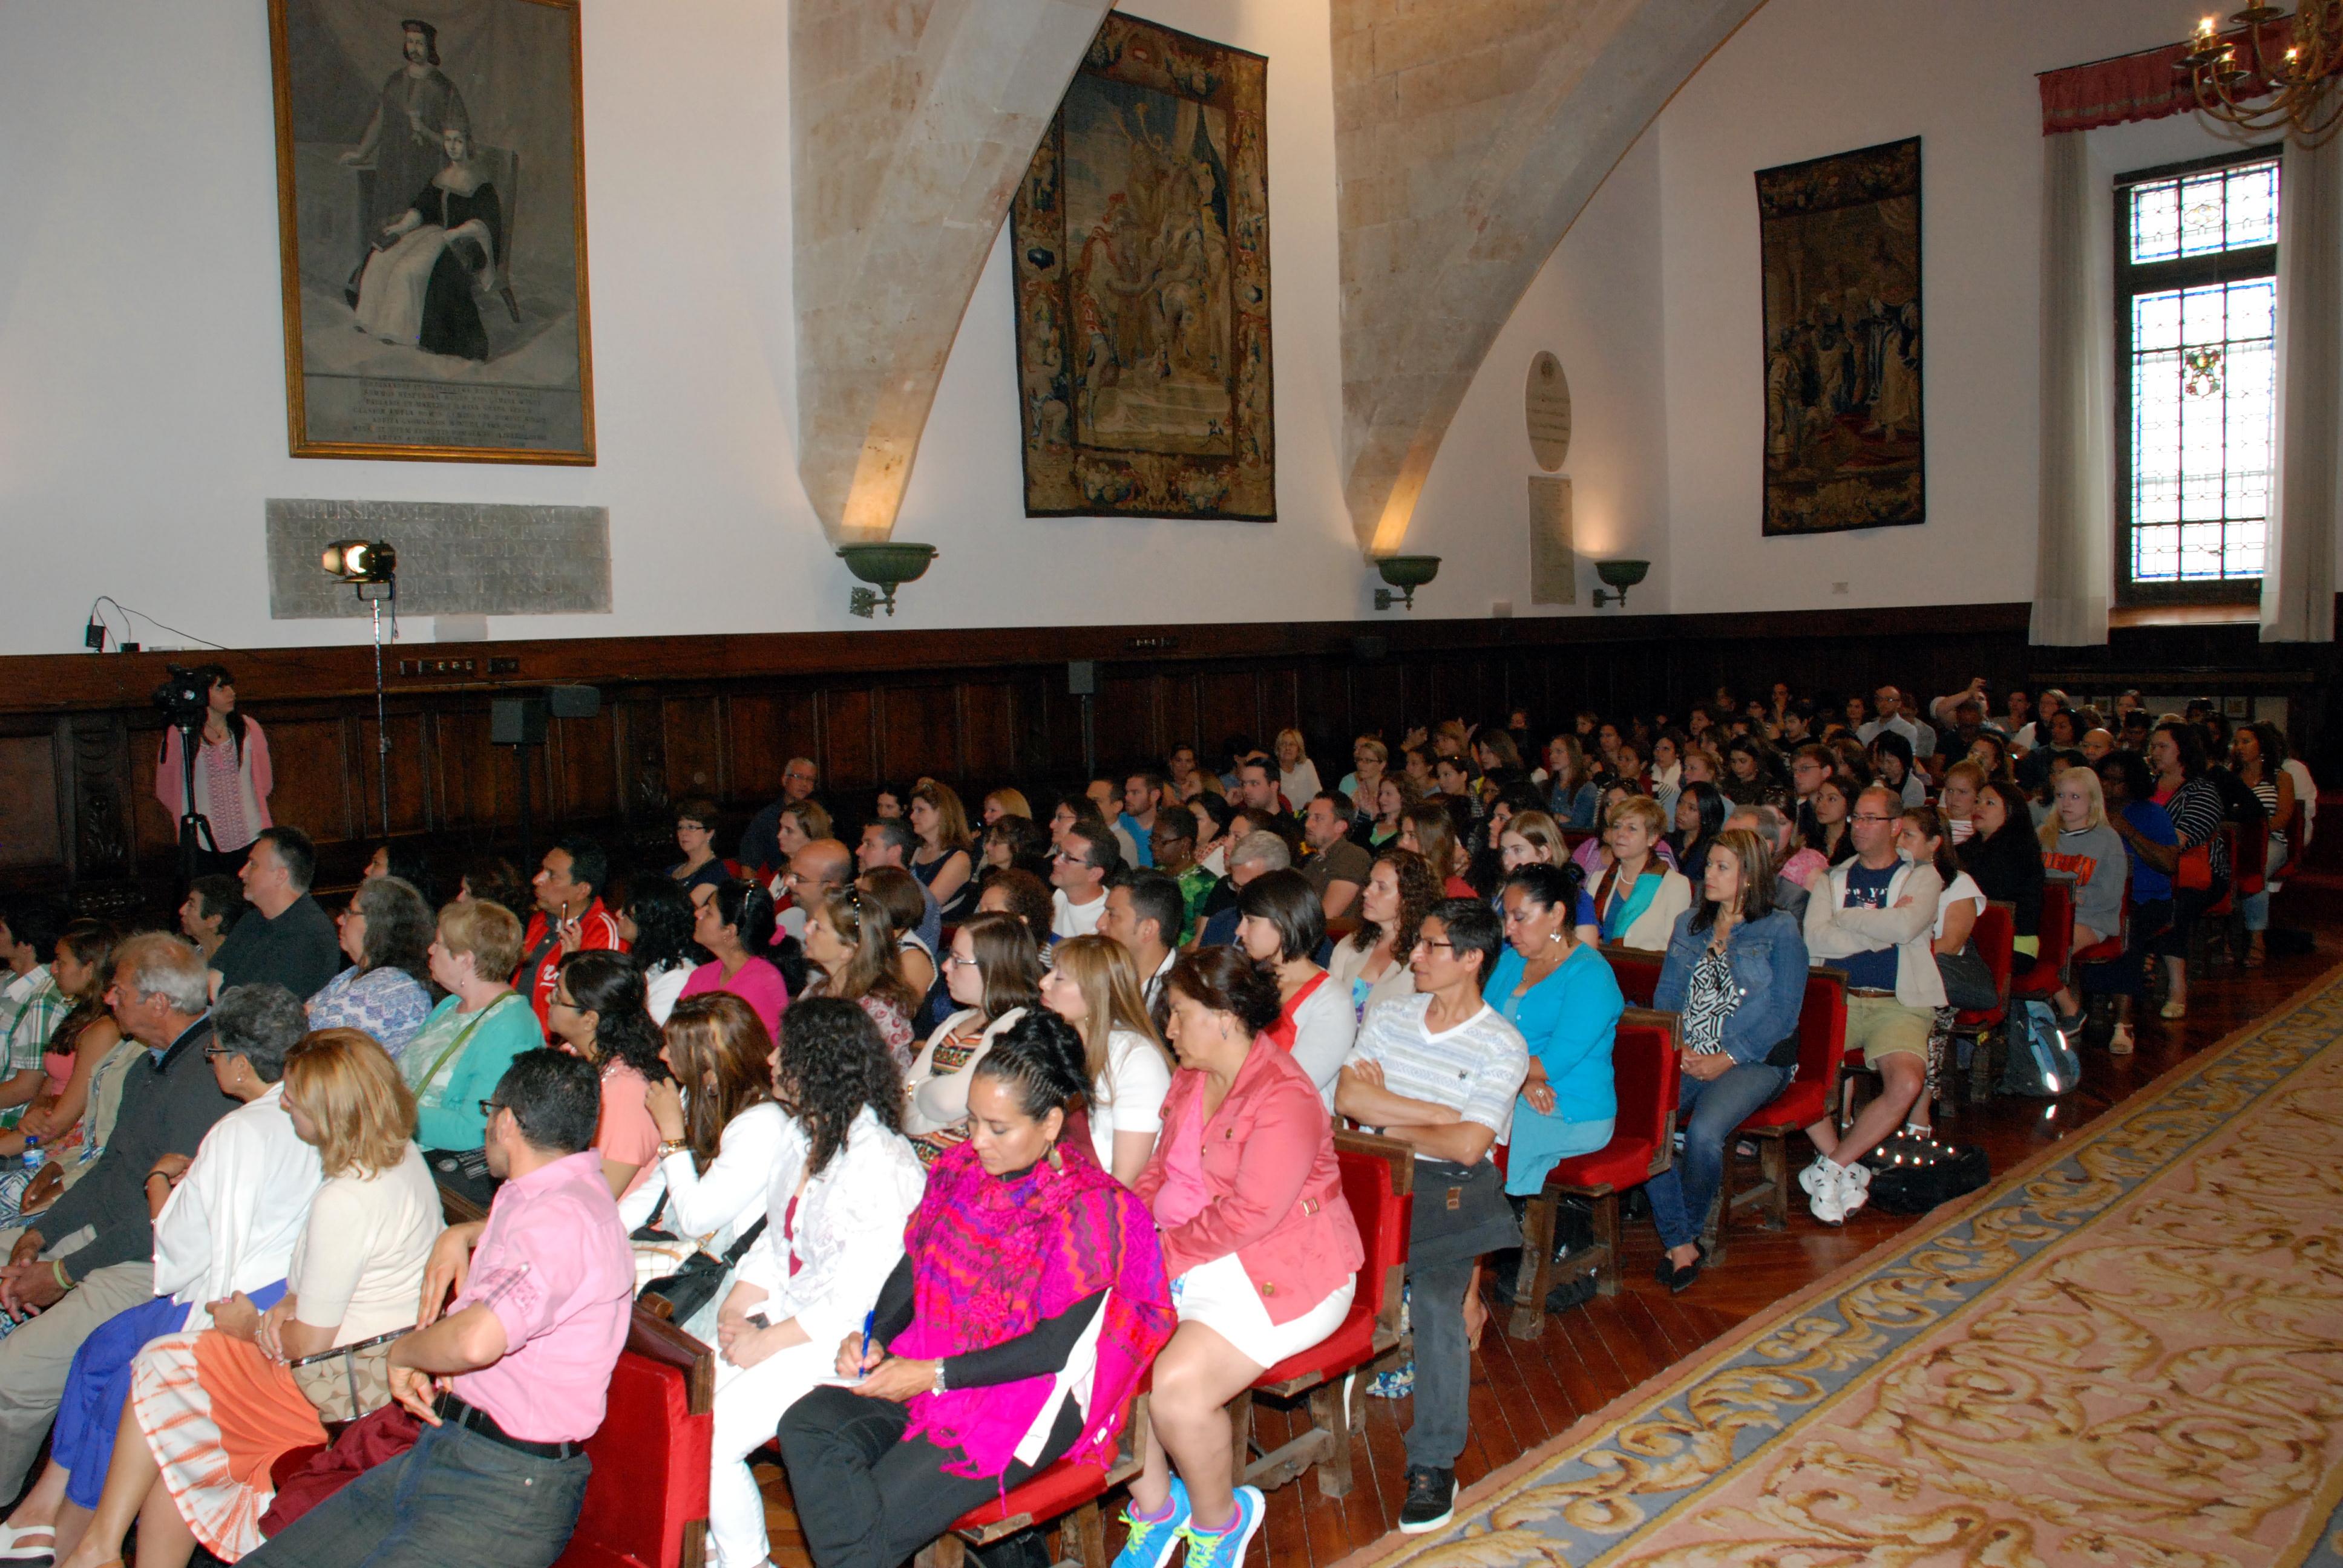 La experiencia y la innovación, claves del éxito de la nueva edición de los Cursos Internacionales de Lengua y Cultura Españolas